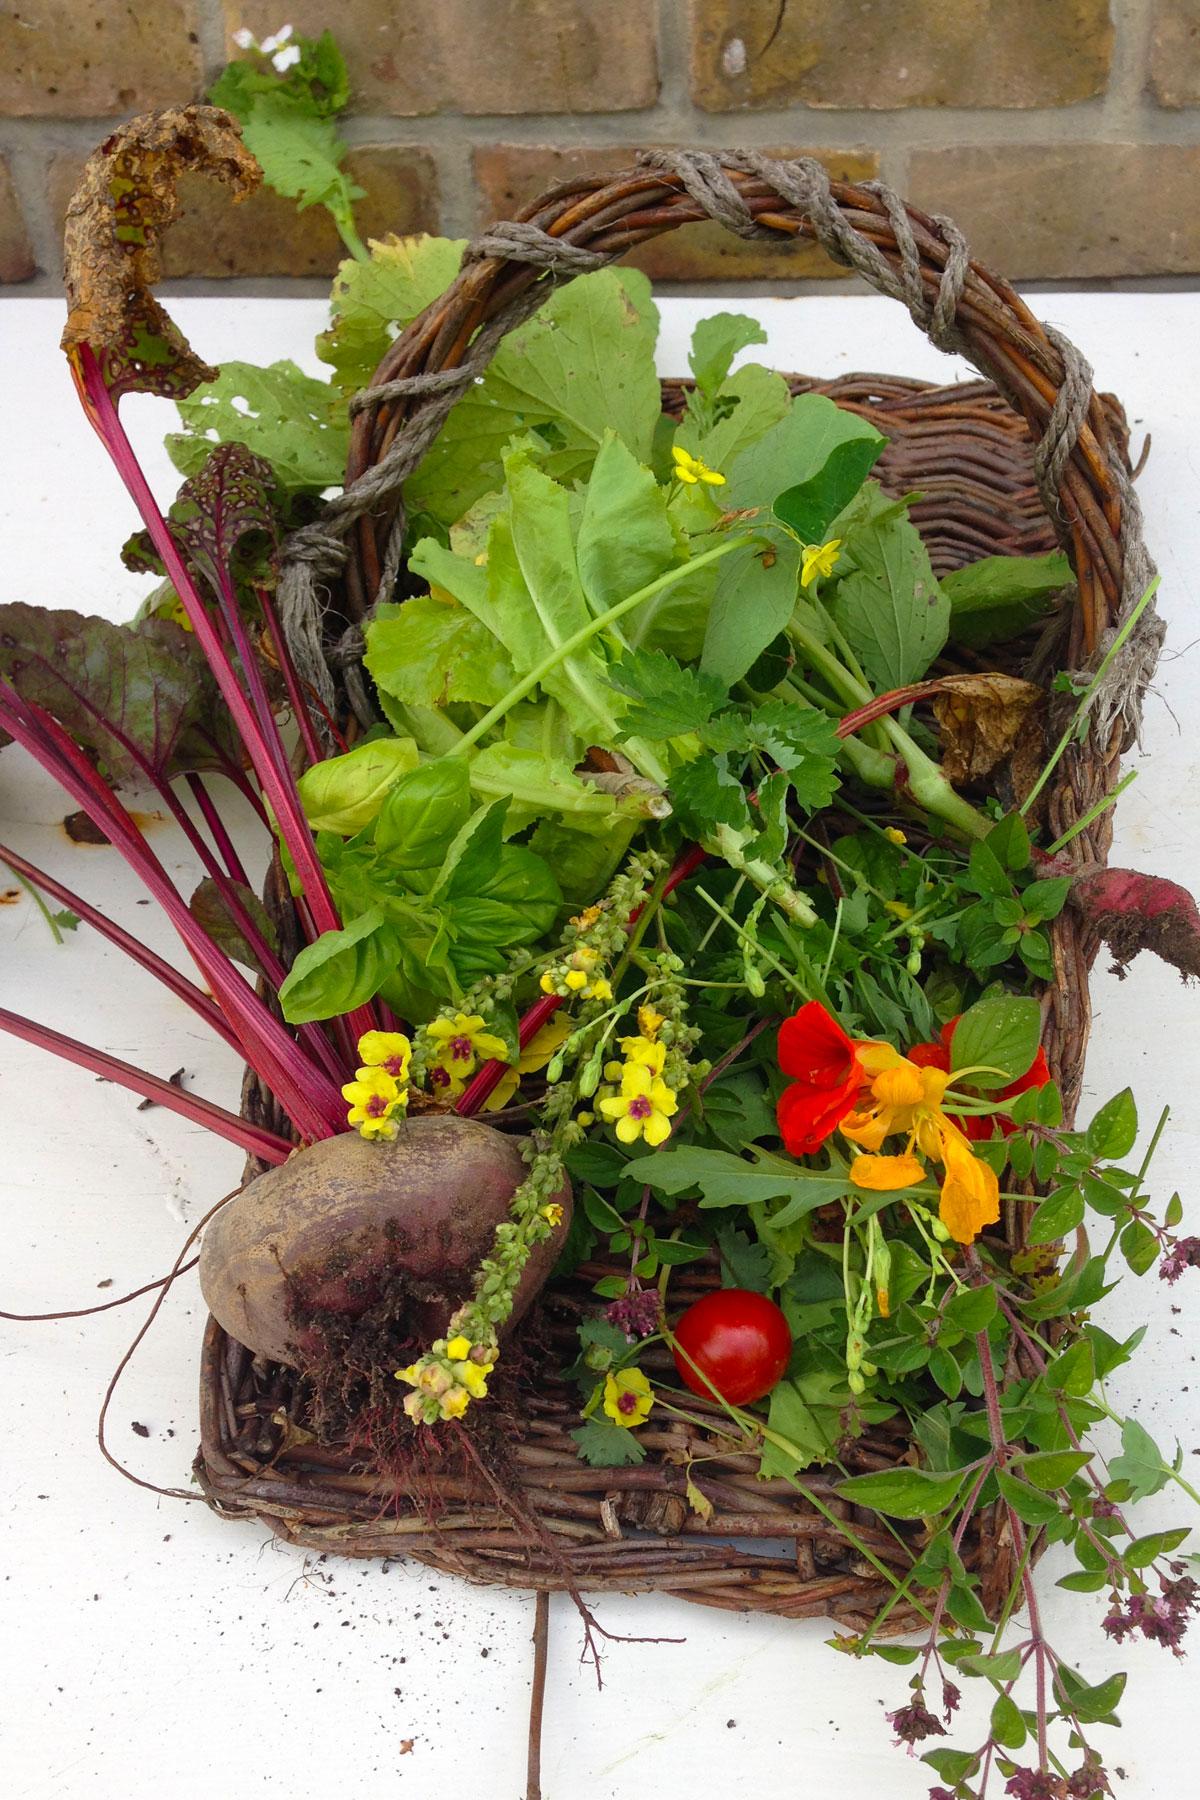 Travelingspoon ghent suzy vegetablebasket